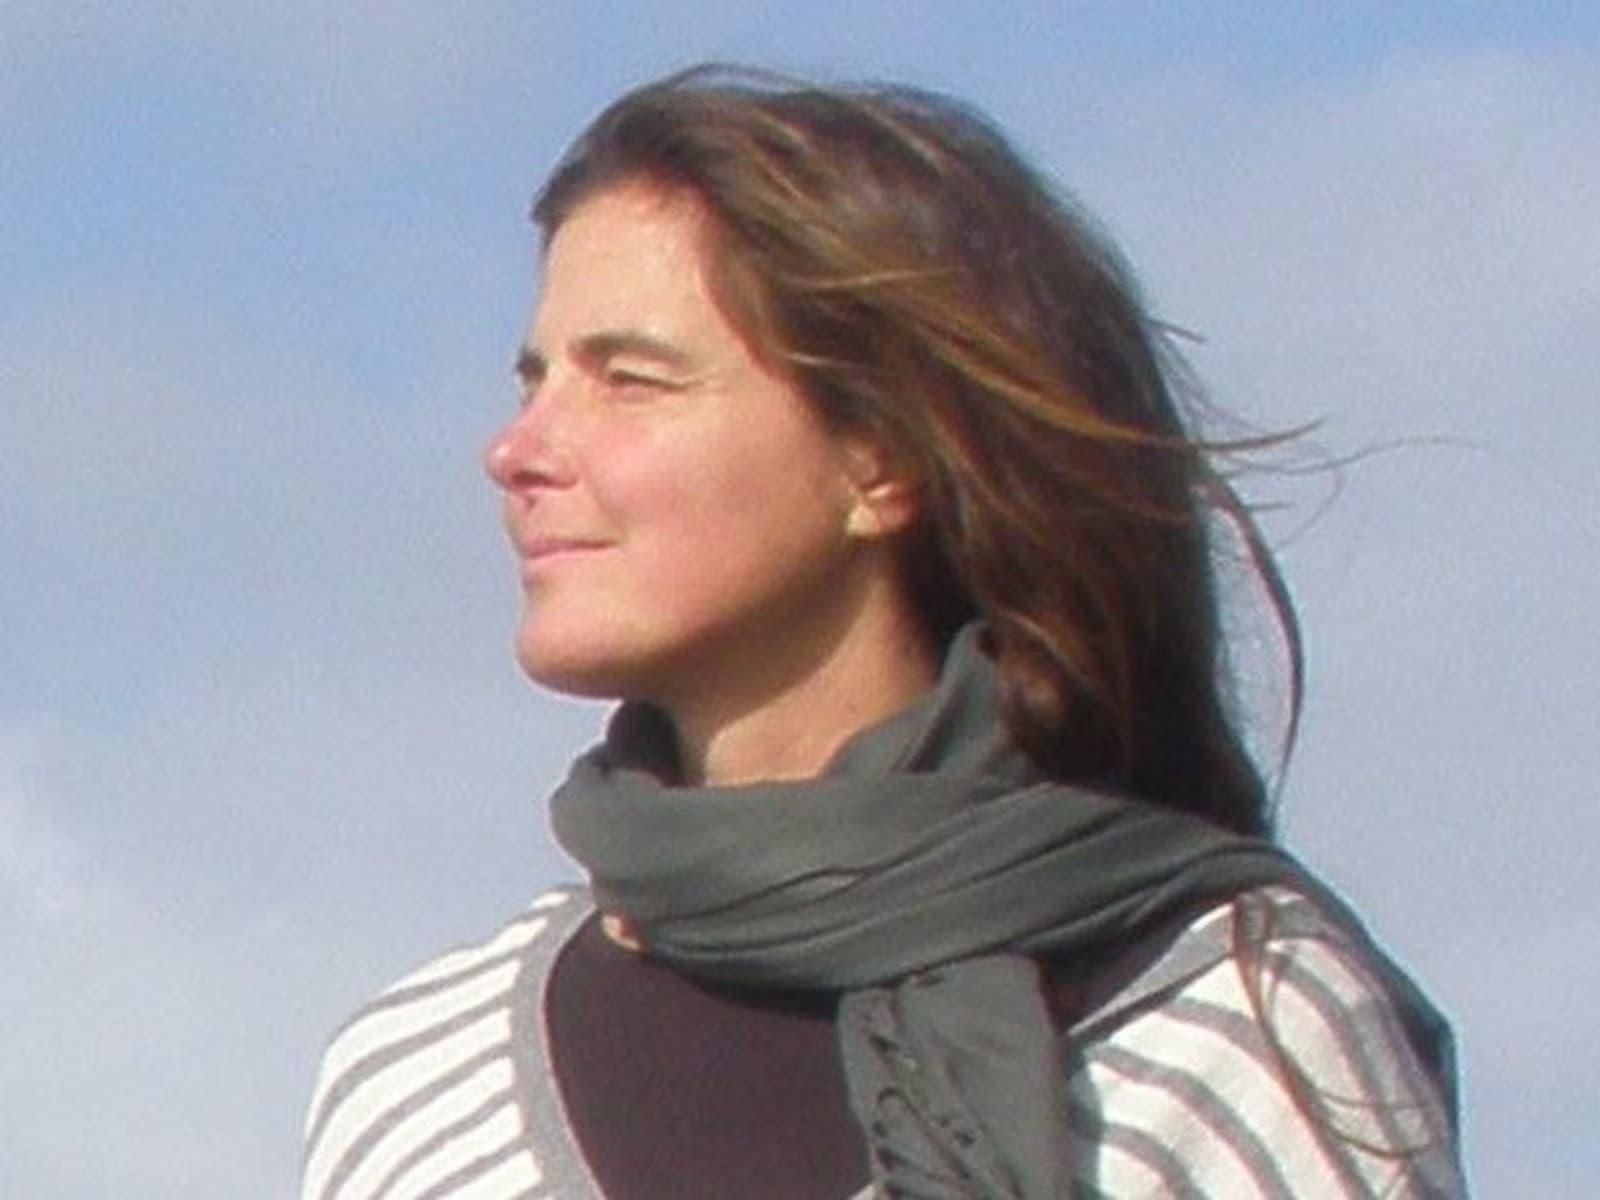 Katja from Bordeaux, France